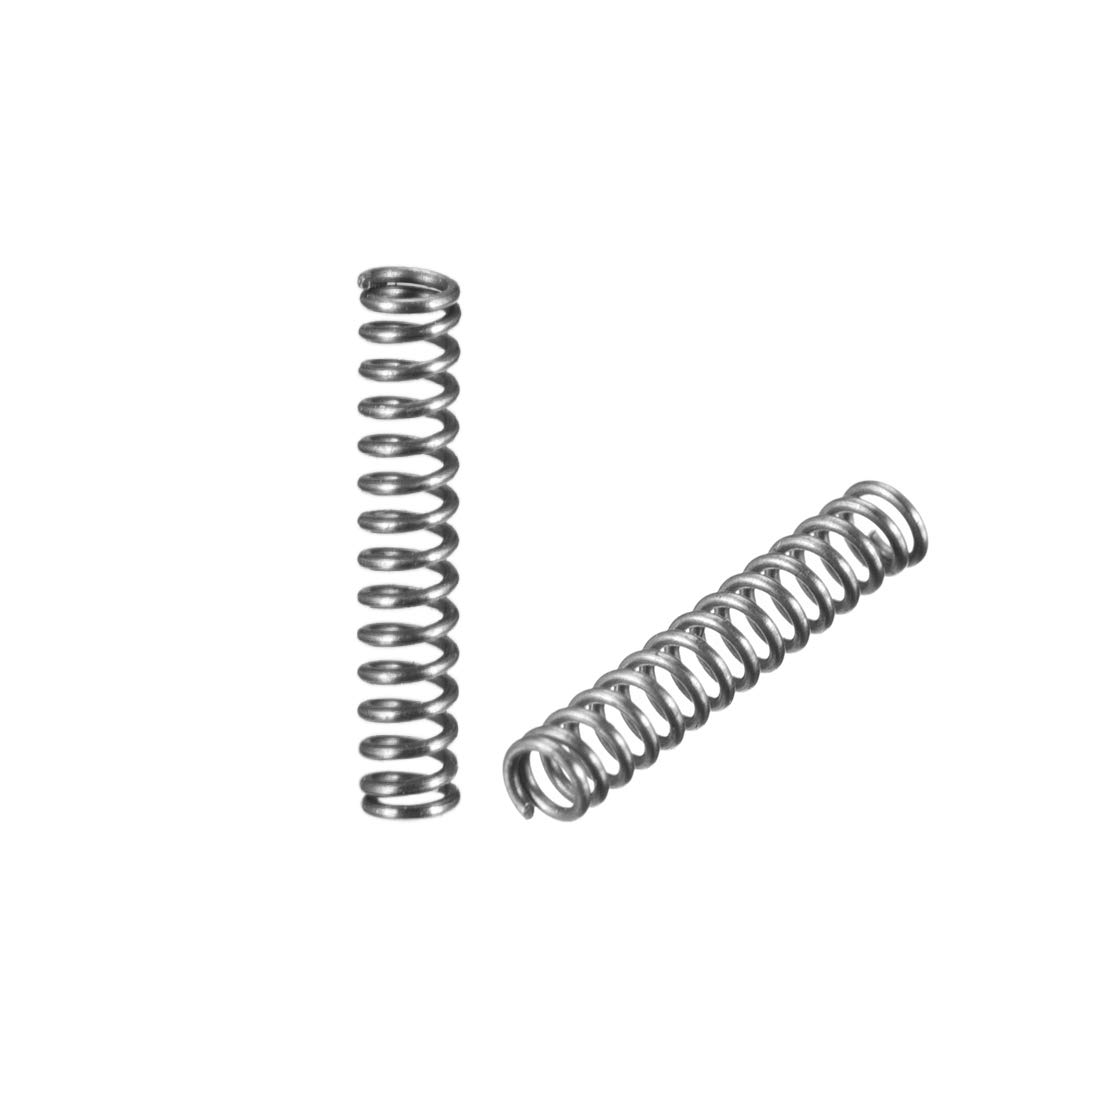 sourcing map 0.3X3x15mm acciaio inossidabile bobina estesa molla compressa 30pz